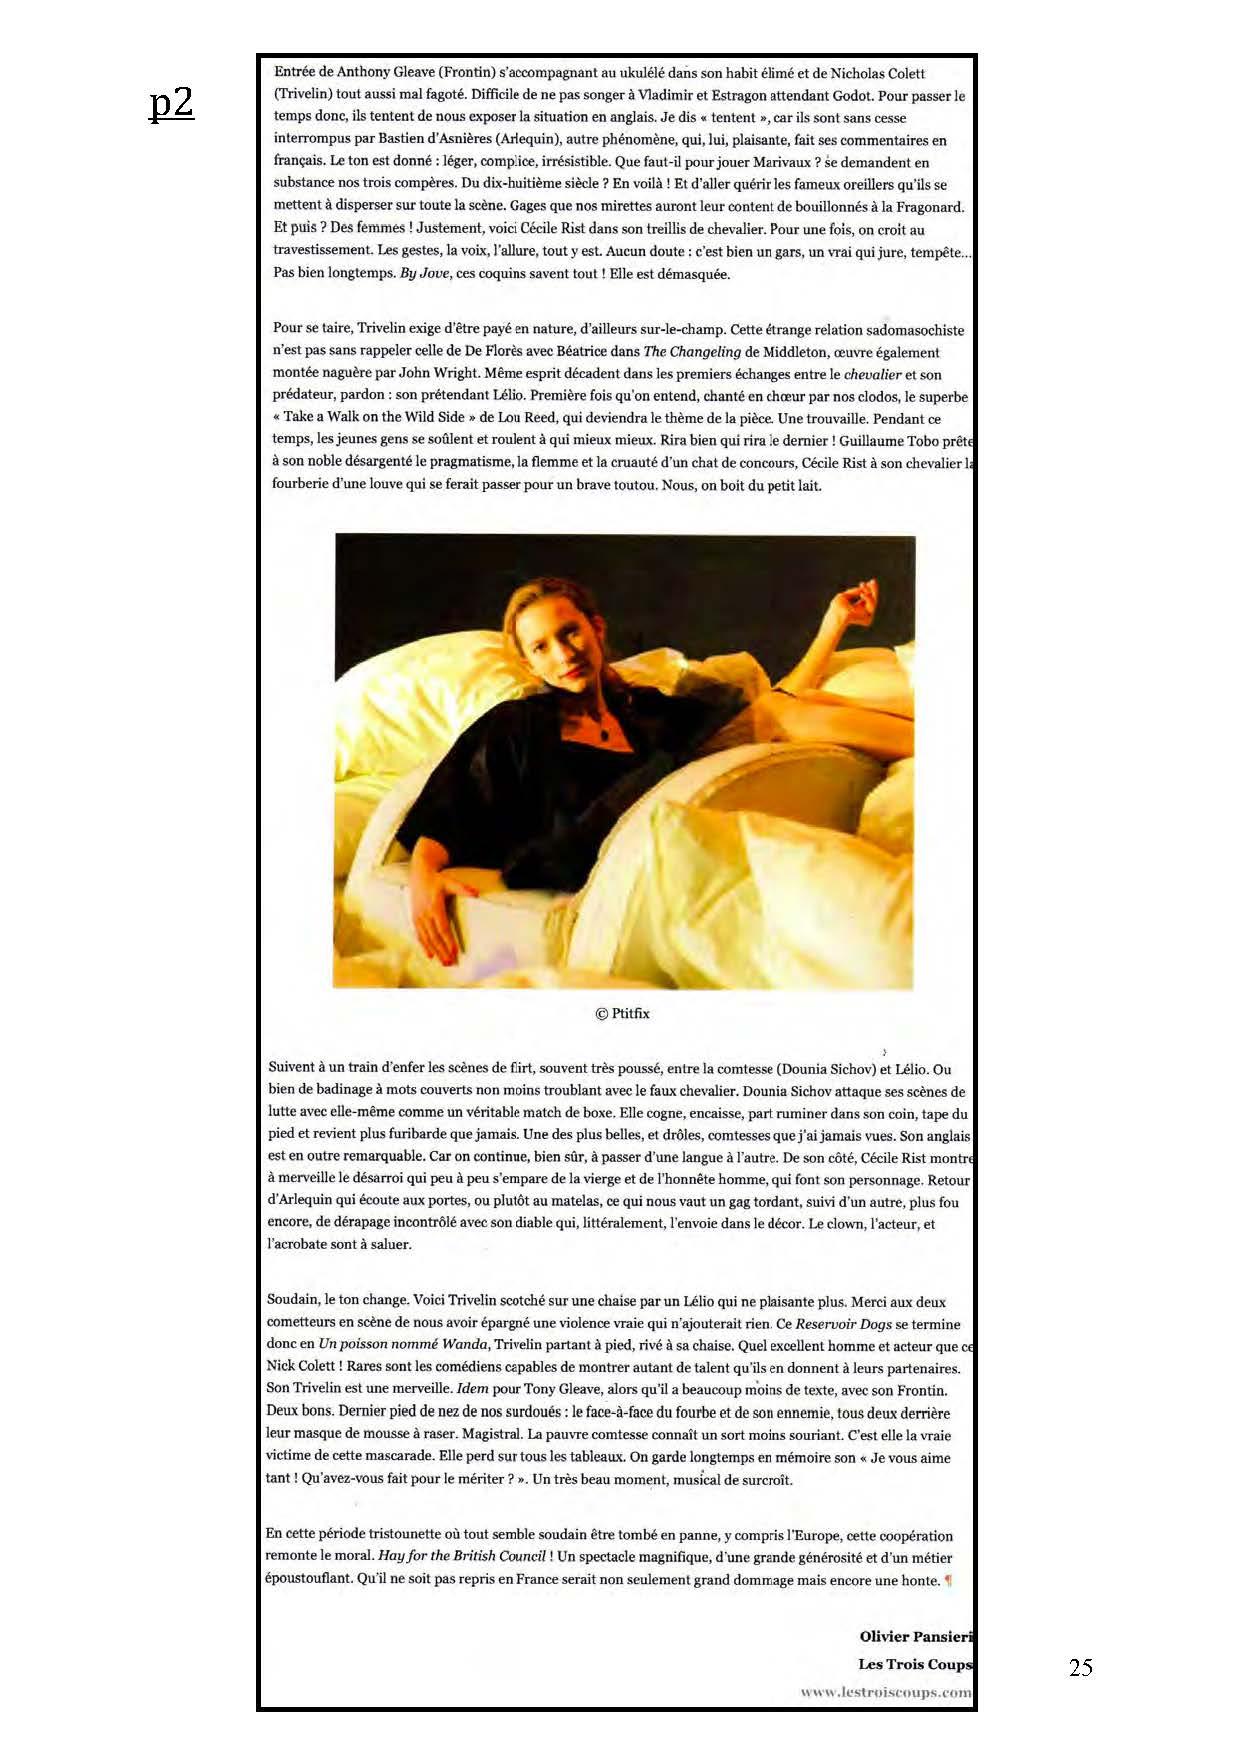 LA NUIT JUSTE AVANT LES FORÊTS - Revue de presse de BordCadre & Cécile Rist_Page_21